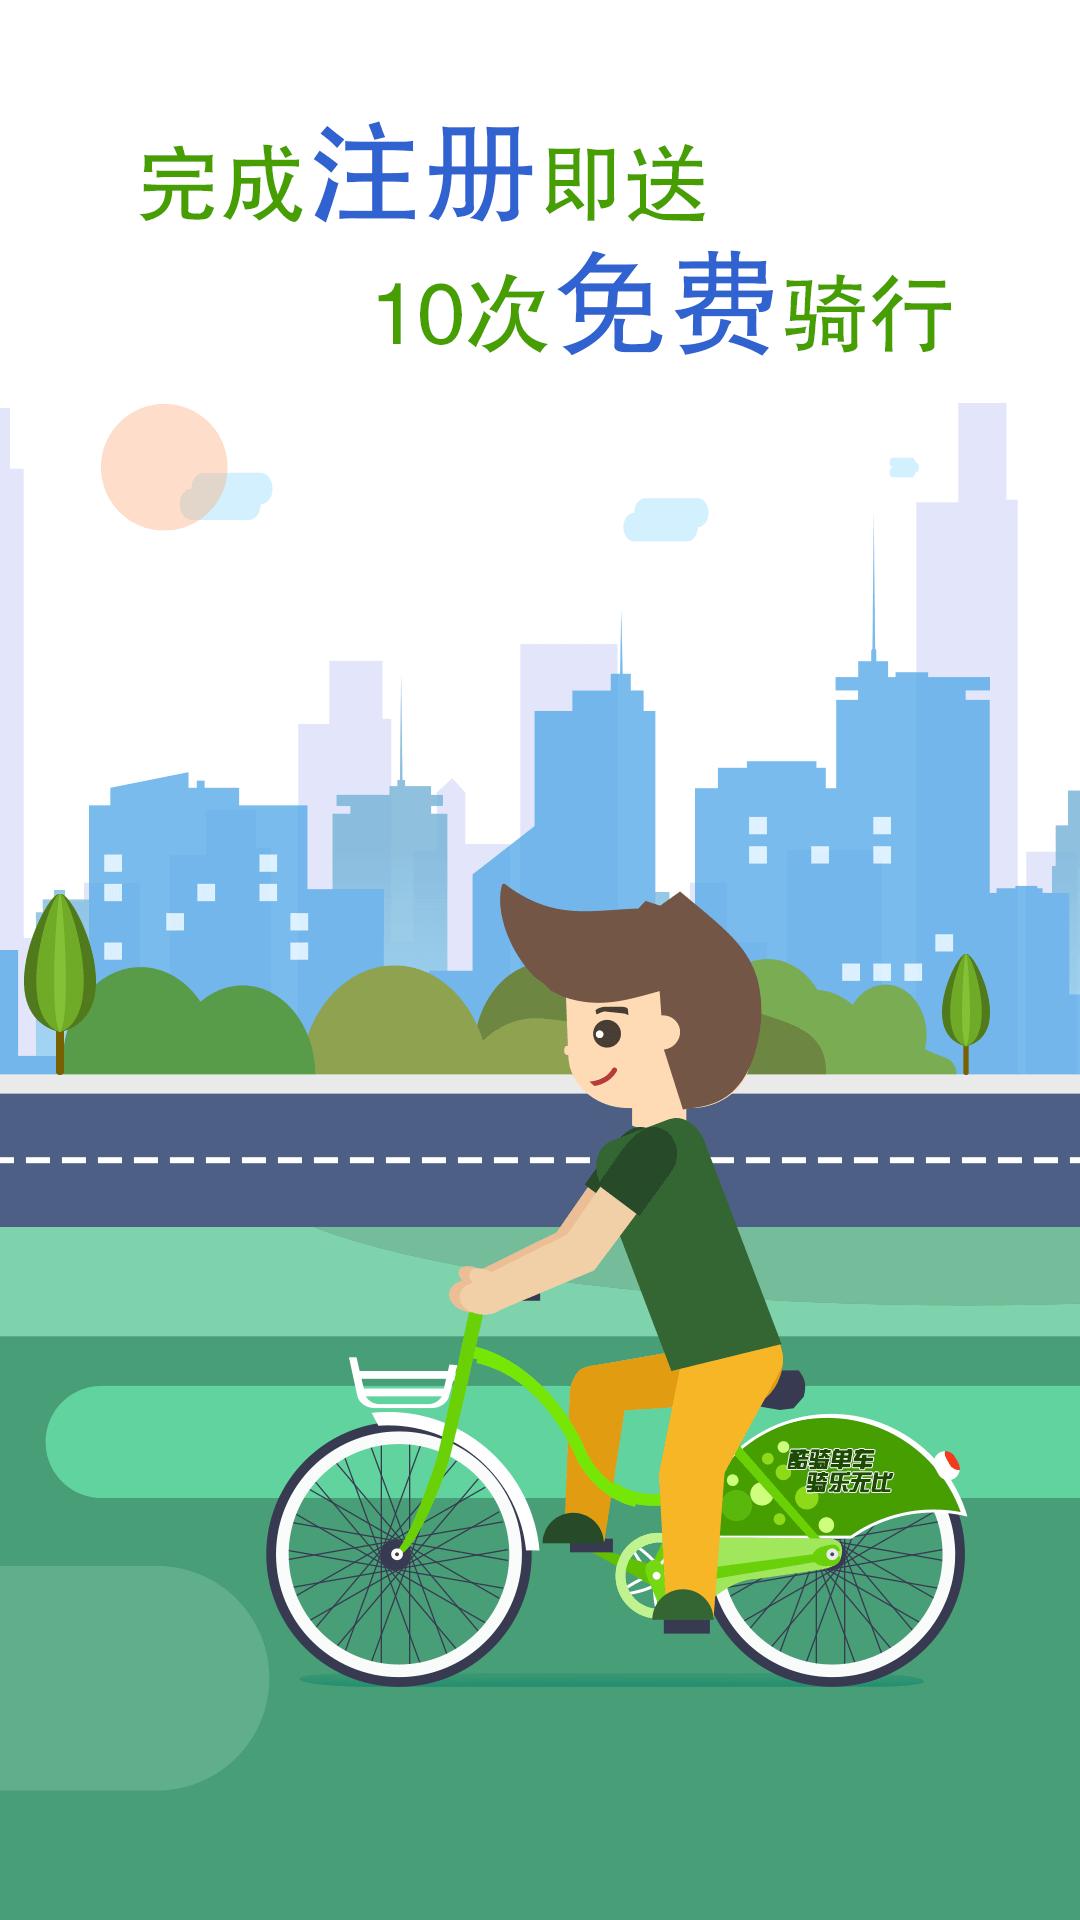 沈阳共享单车可以免费骑行吗?沈阳共享单车免费骑行[图]